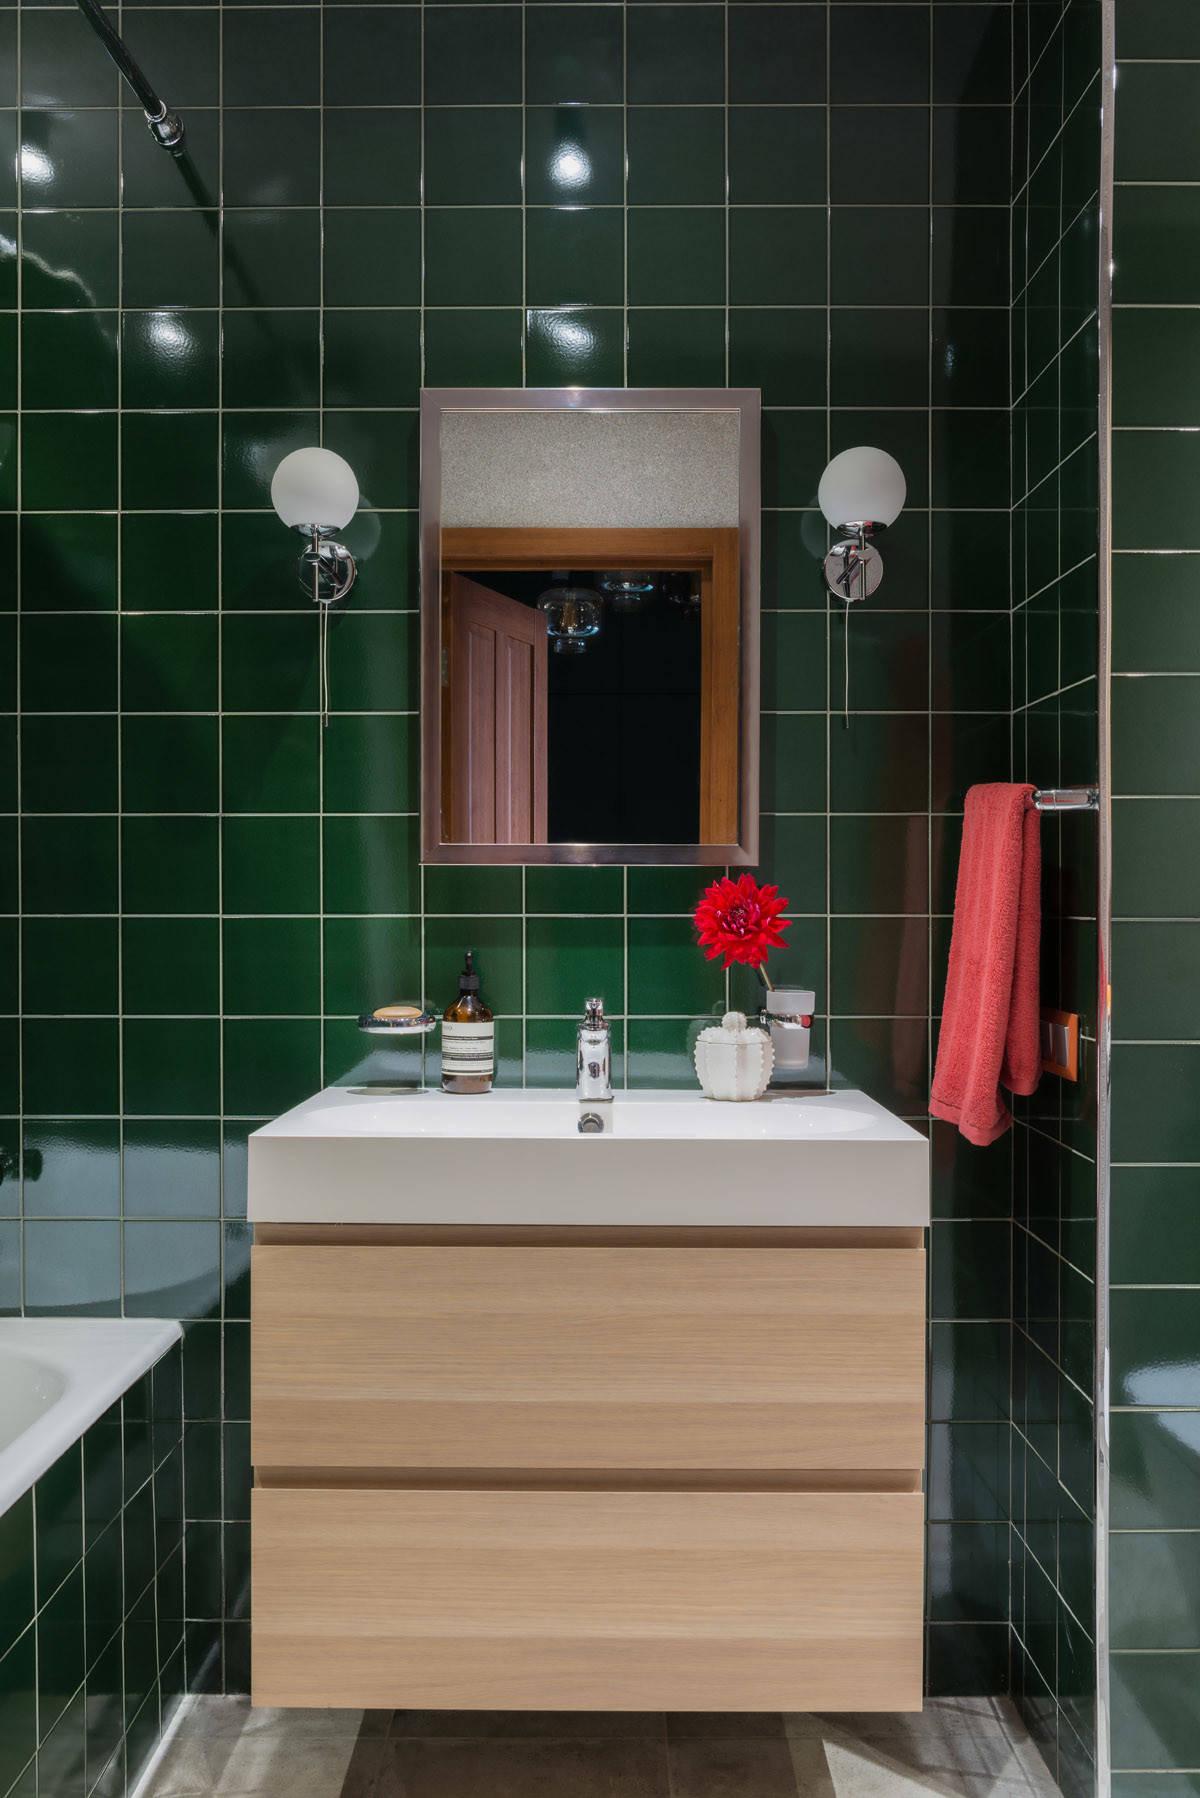 Темно-зеленая плитка в интерьере ванной